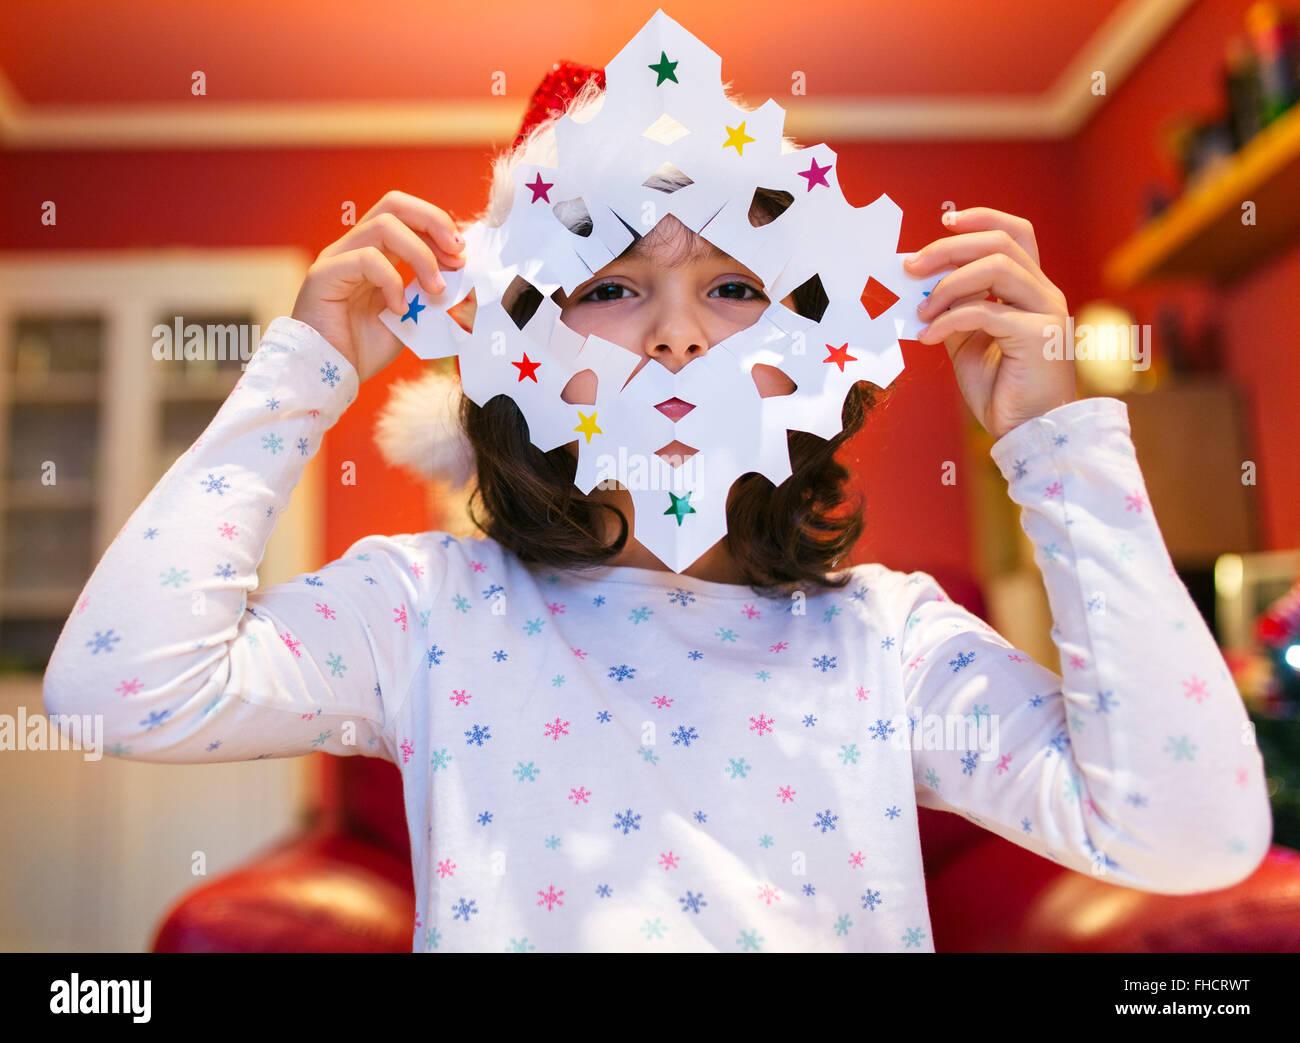 Petite fille avec décoration de Noël bricolé Photo Stock